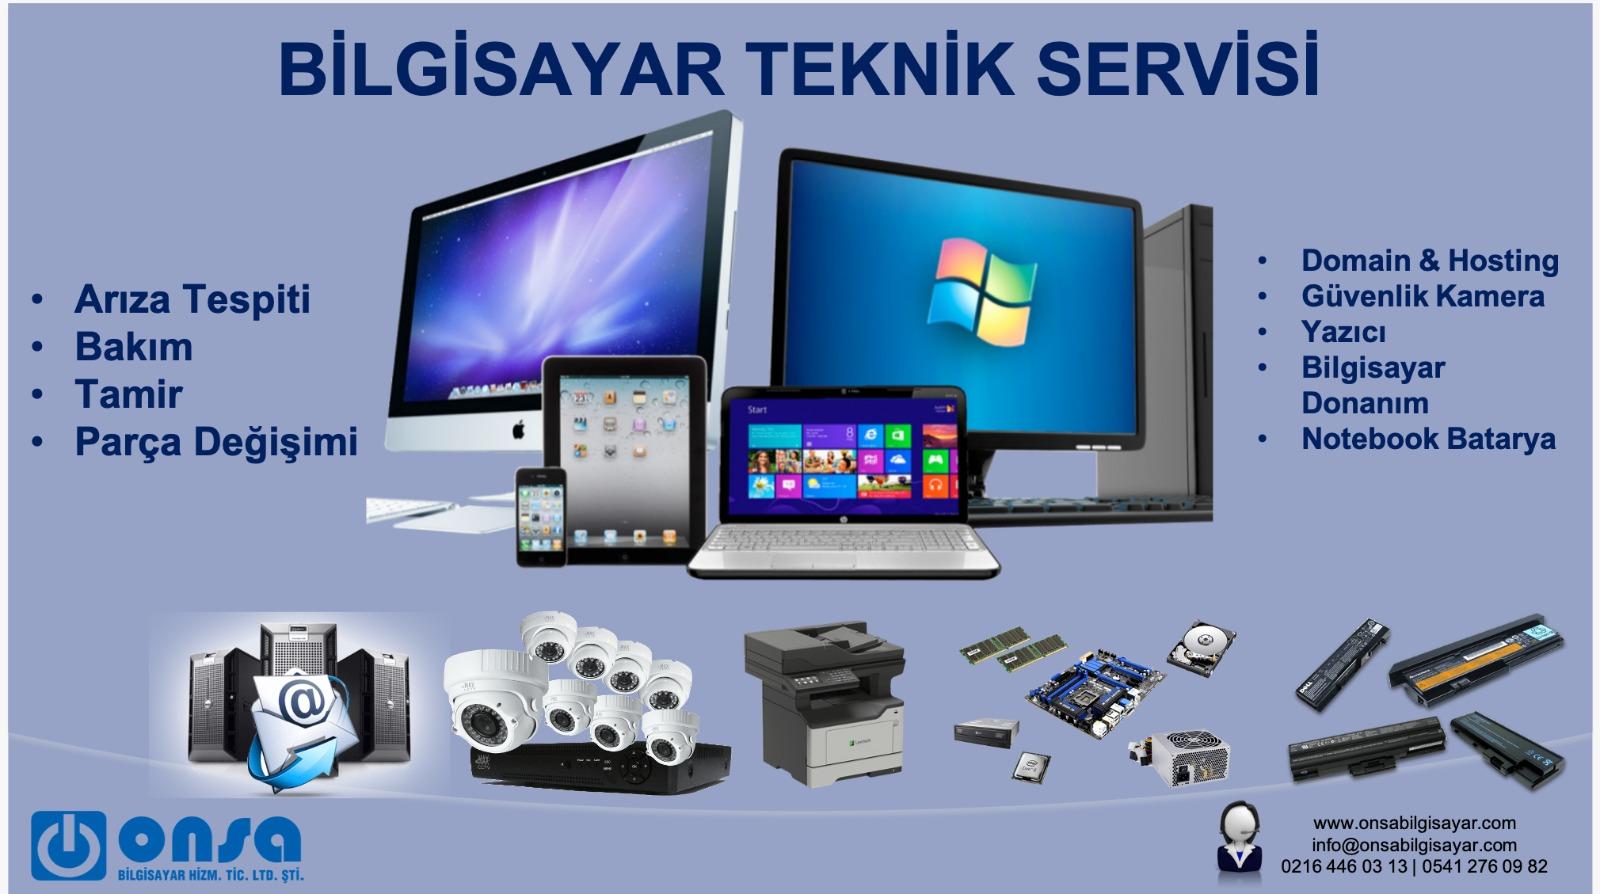 tuzla-bilgisayar-onsa-tamir-bakim-kurulum-teknik-servis-notebook-desktop-server-mentese-ekran-degisim-upgrade-ssd-ram-destek5